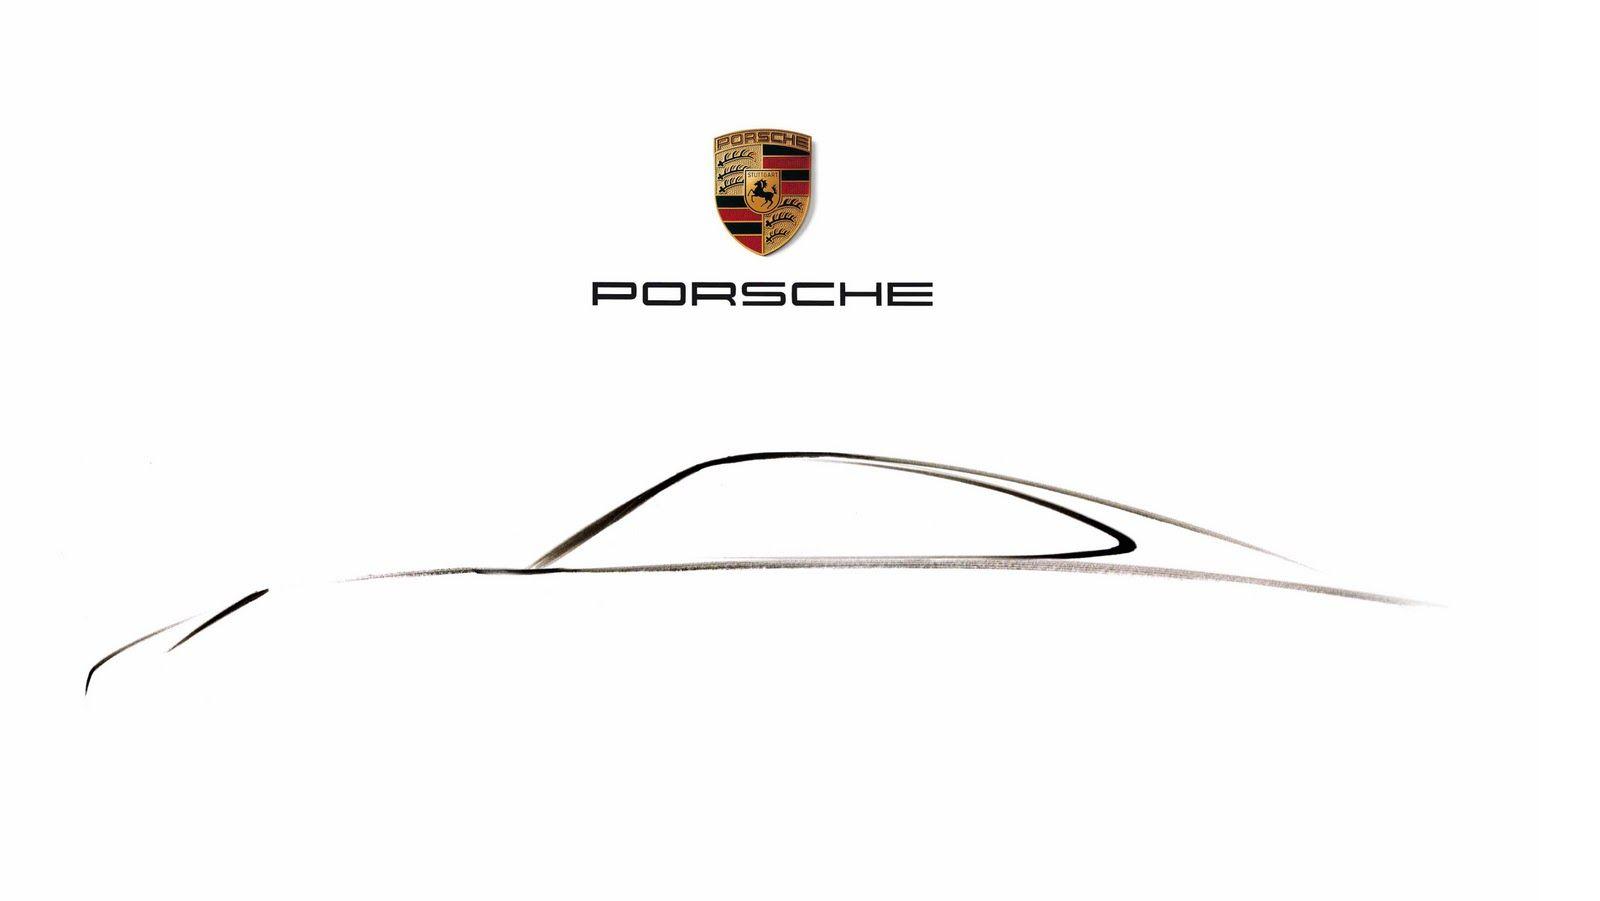 Porsche Outline Buscar Con Google Porsche Pinterest